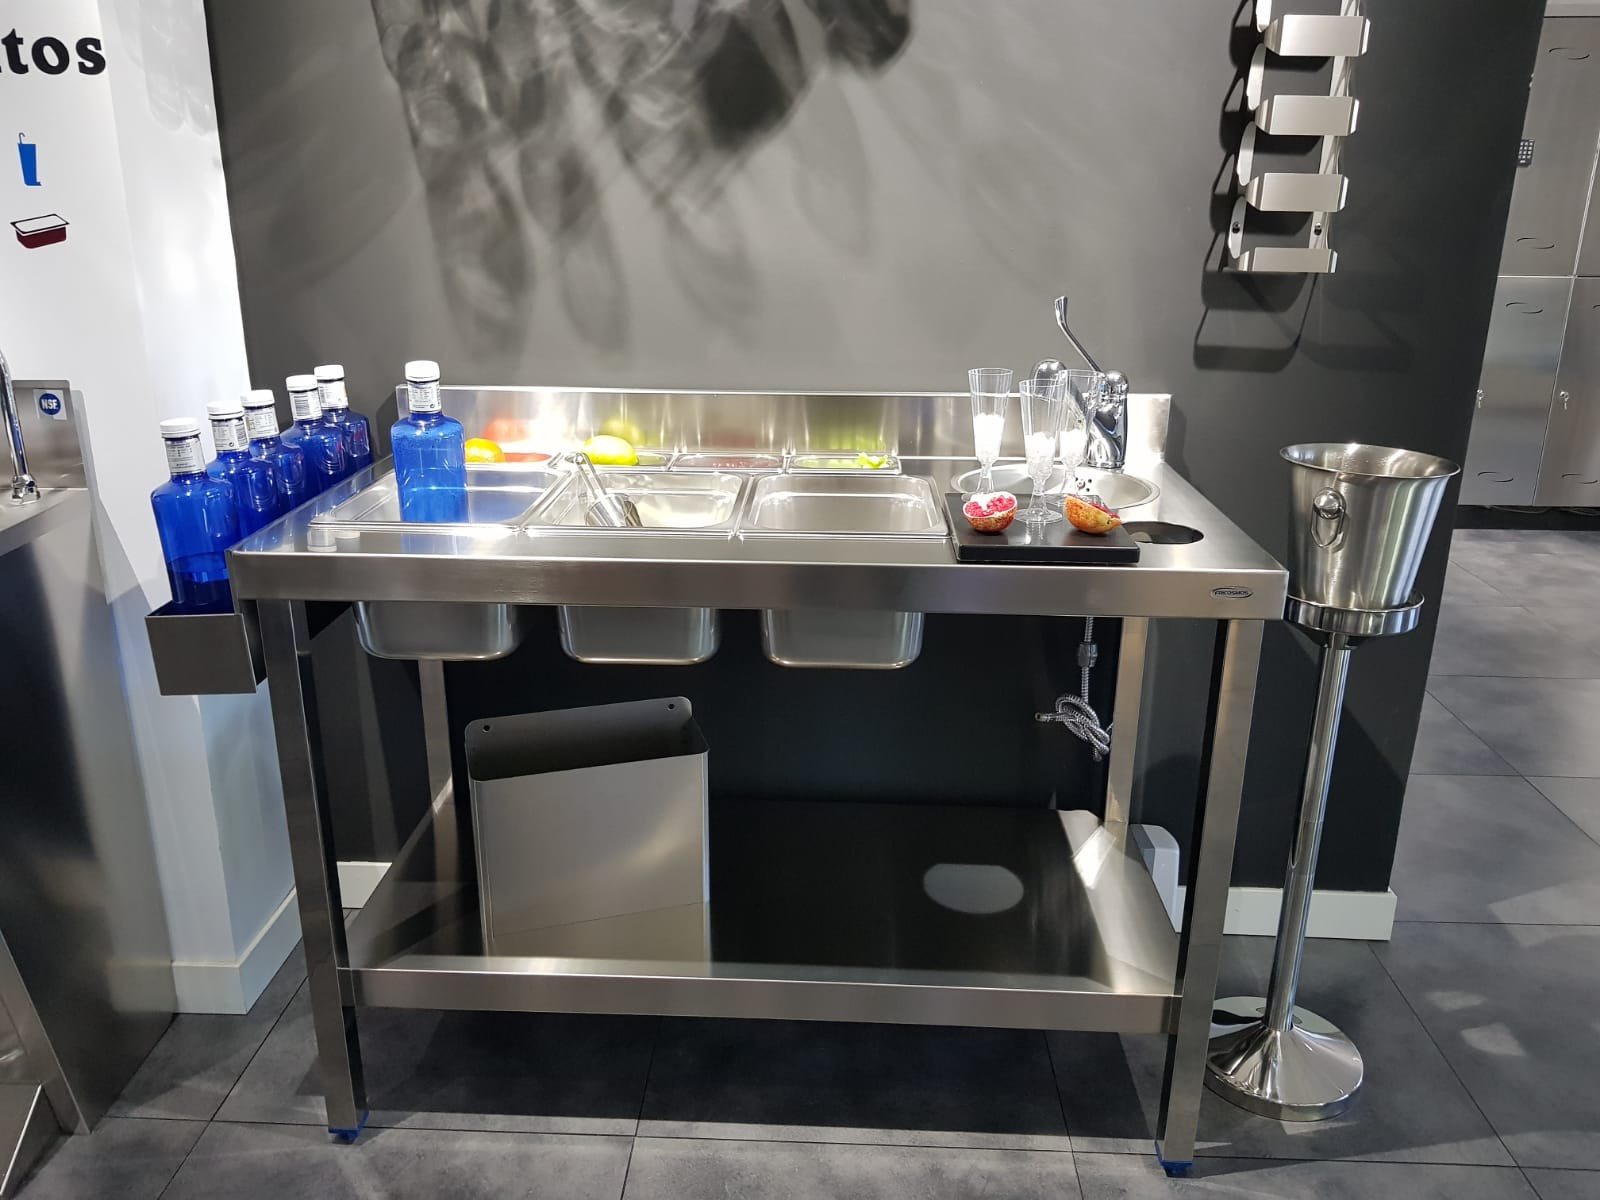 diseño fabricación fabricantes mobiliario maquinario accesorios acero inox acero inoxidable cocteleria cocktel instaladores instalación en toda españa madrid profesional